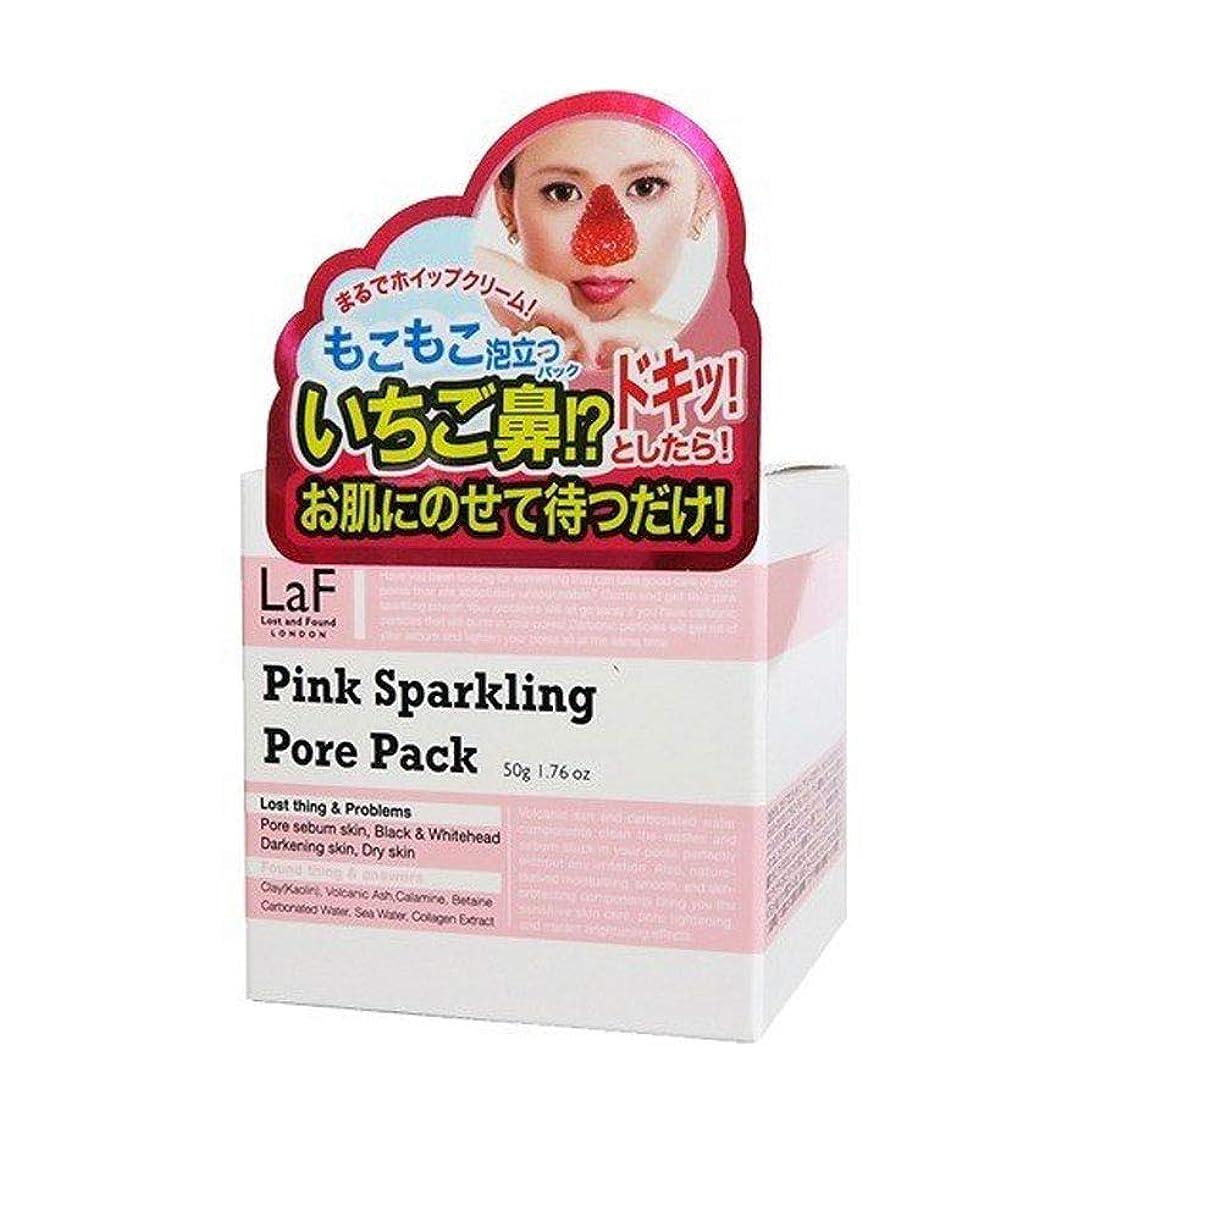 甥システムしみ三和通商 ピンクスパークリング ポアパック 洗顔 50g